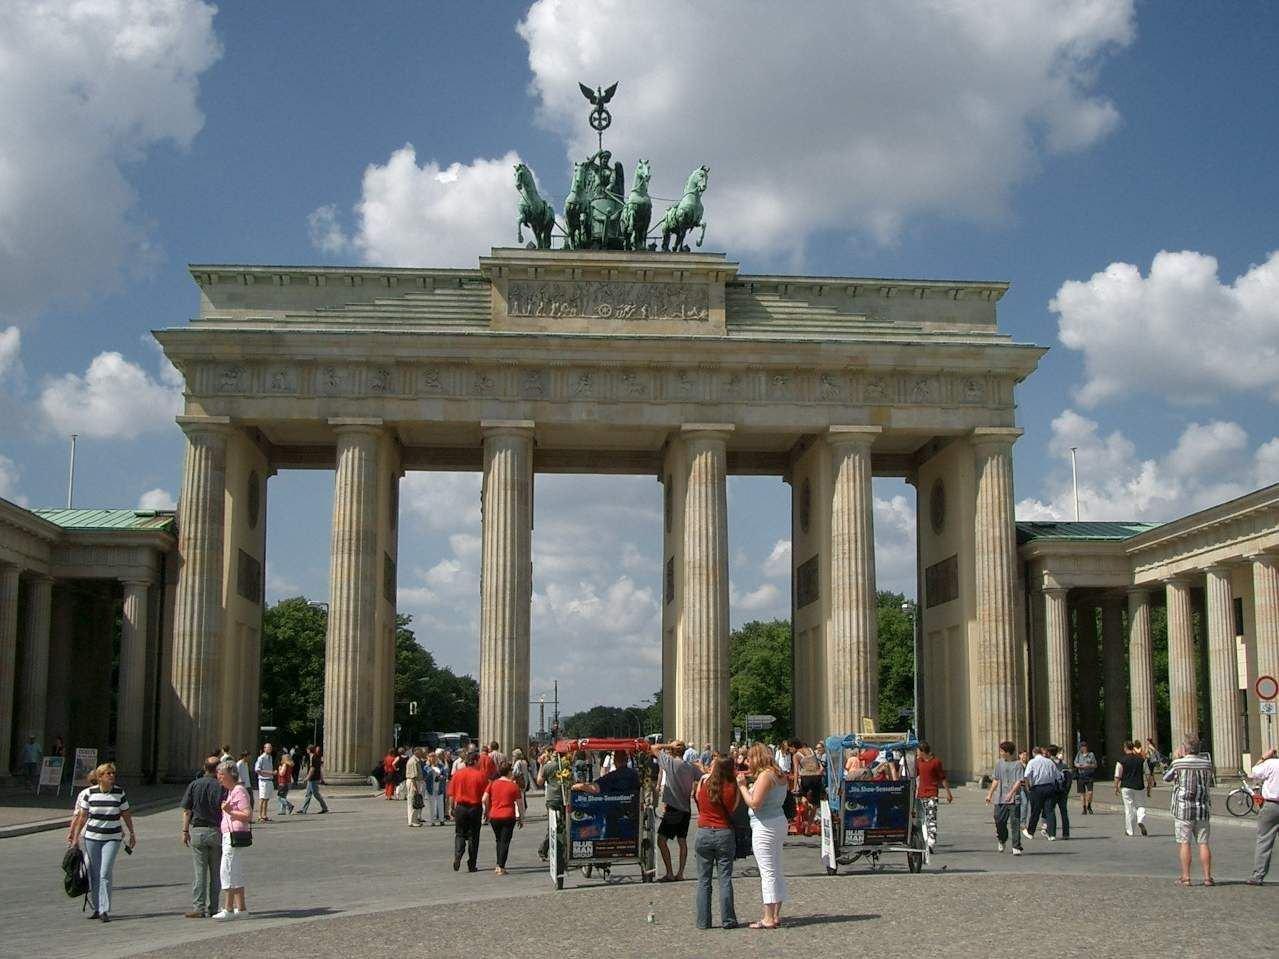 http://3.bp.blogspot.com/_L9S4pWj4sfU/S7OLjDqNiZI/AAAAAAAAAJw/vOryhsVeqi8/s1600/berlin.jpg